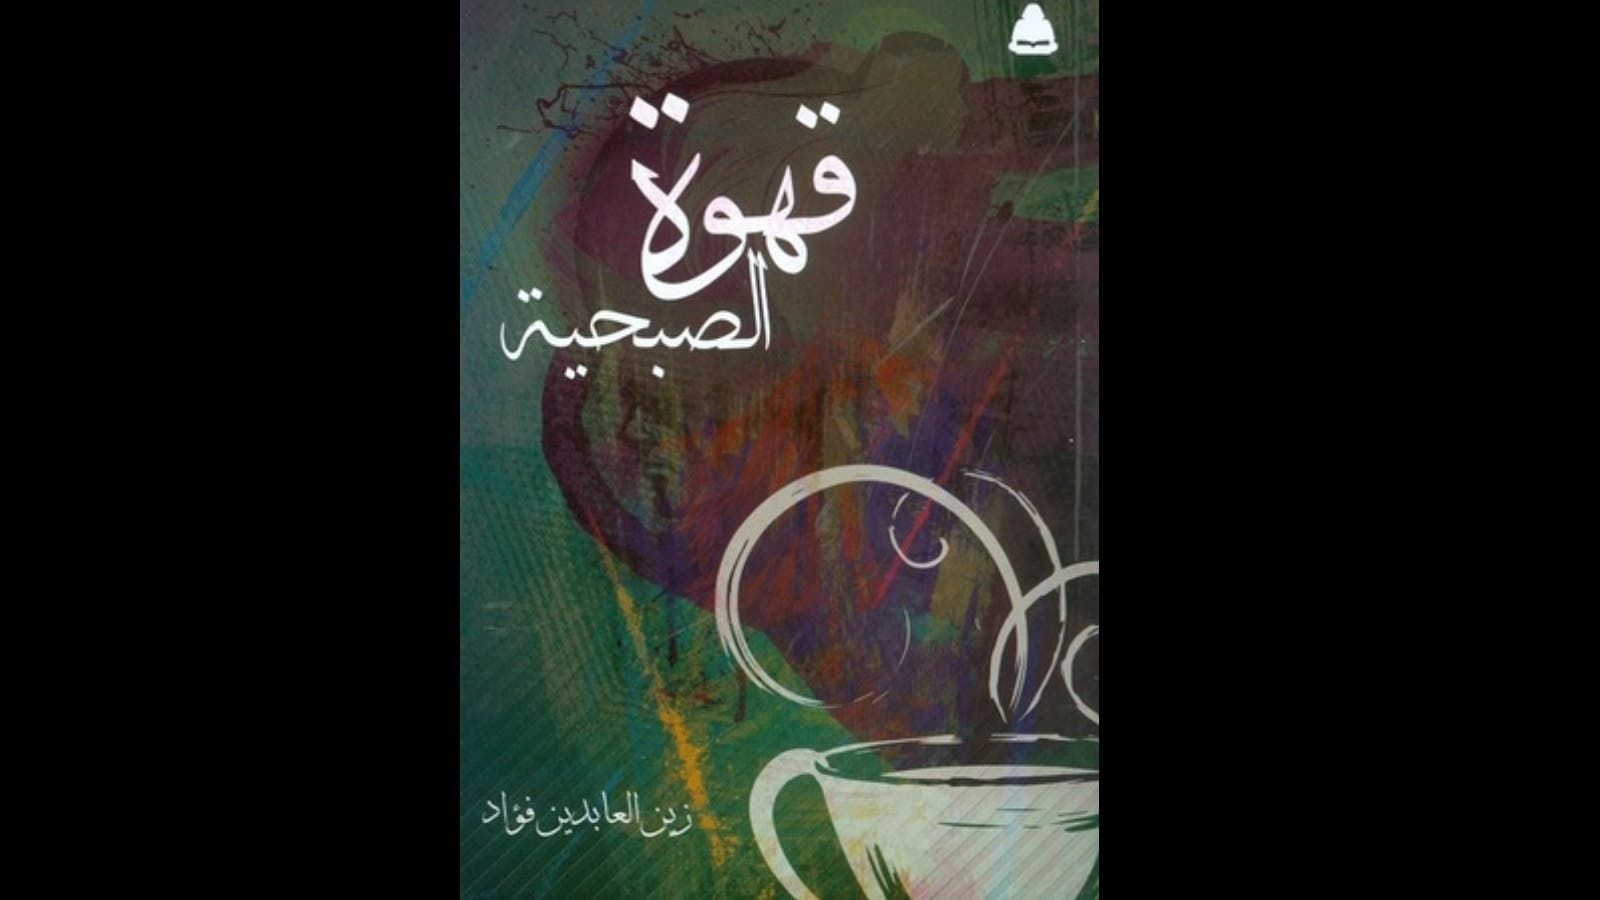 ديوان قهوة الصبحية زين العابدين فؤاد Painting Art Book Cover